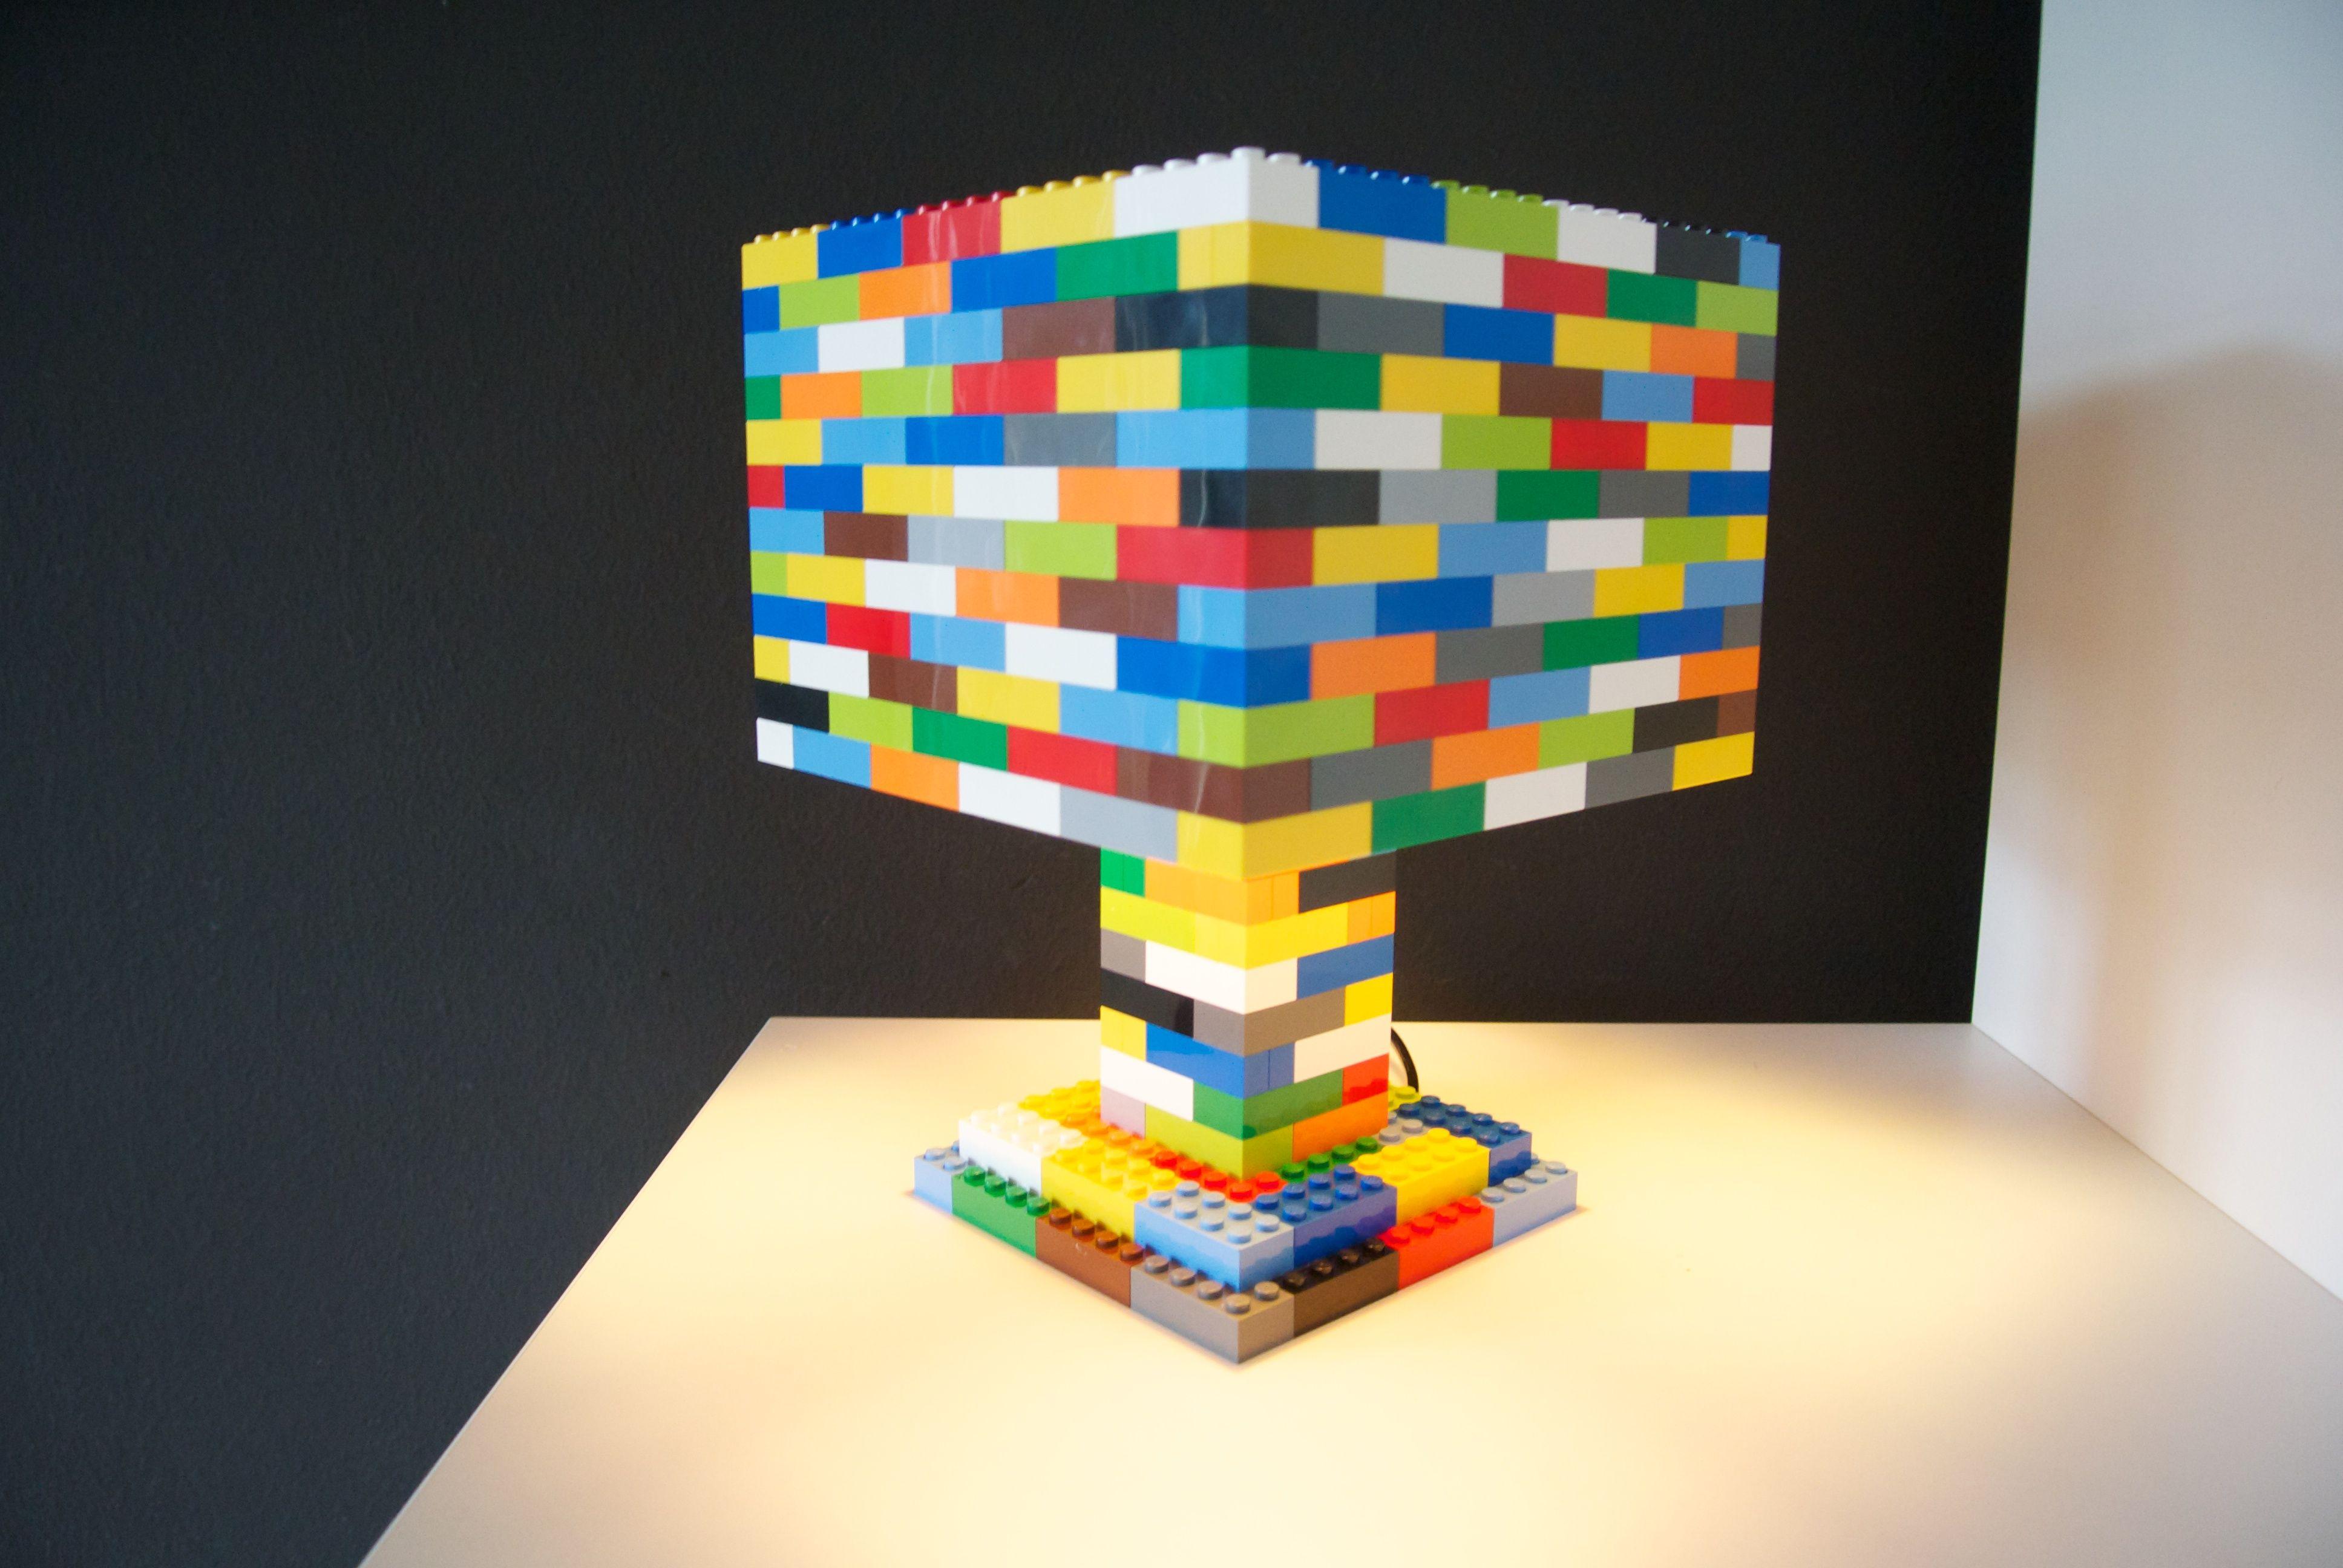 Lego Von Lampe Colorful Farbenfröhliche Handmade Lesign ucKT3JlF1